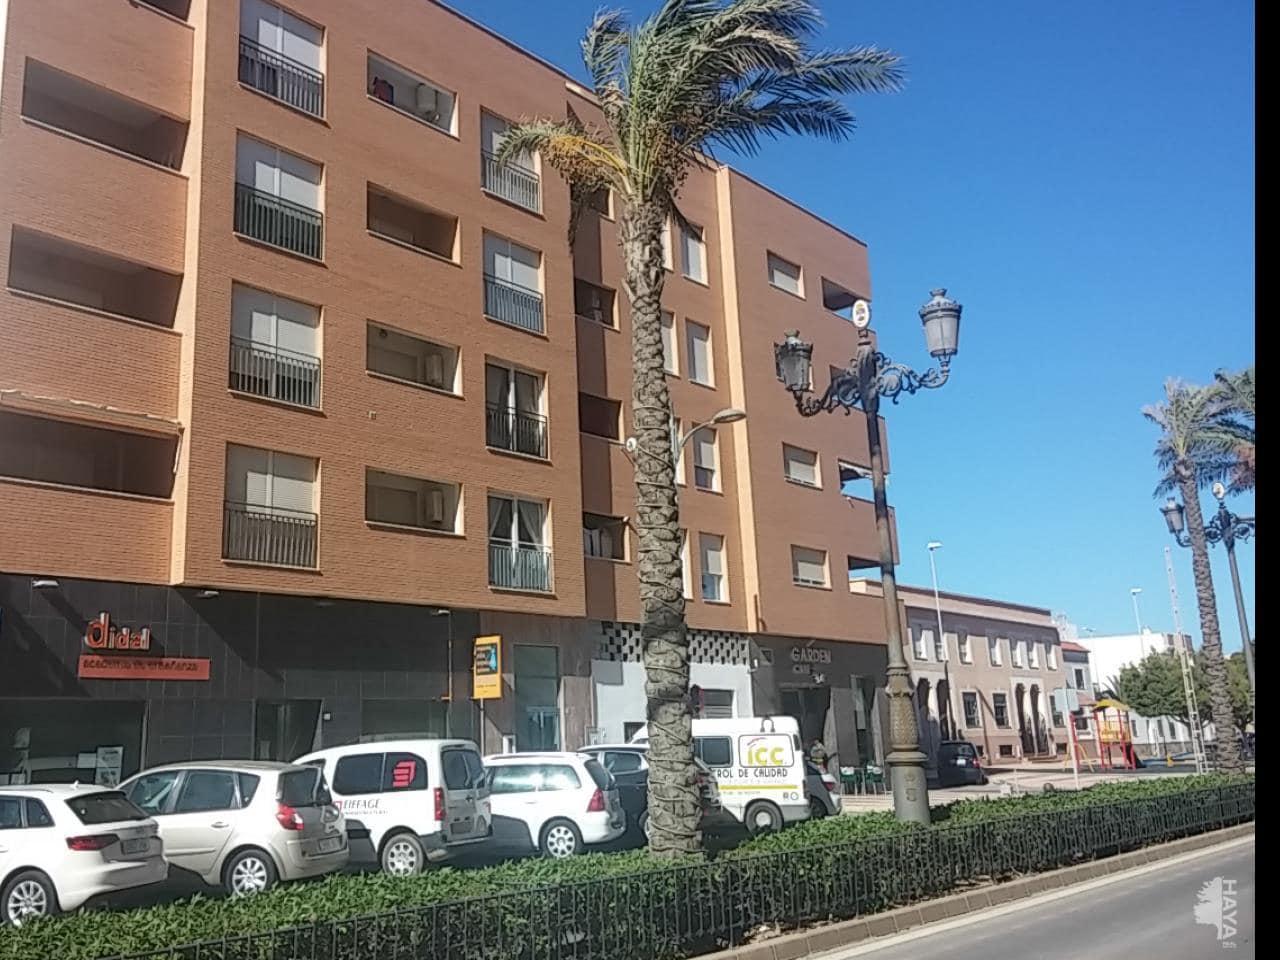 Piso en venta en Roquetas de Mar, Almería, Avenida Marinas (las), 146.200 €, 4 habitaciones, 2 baños, 190 m2